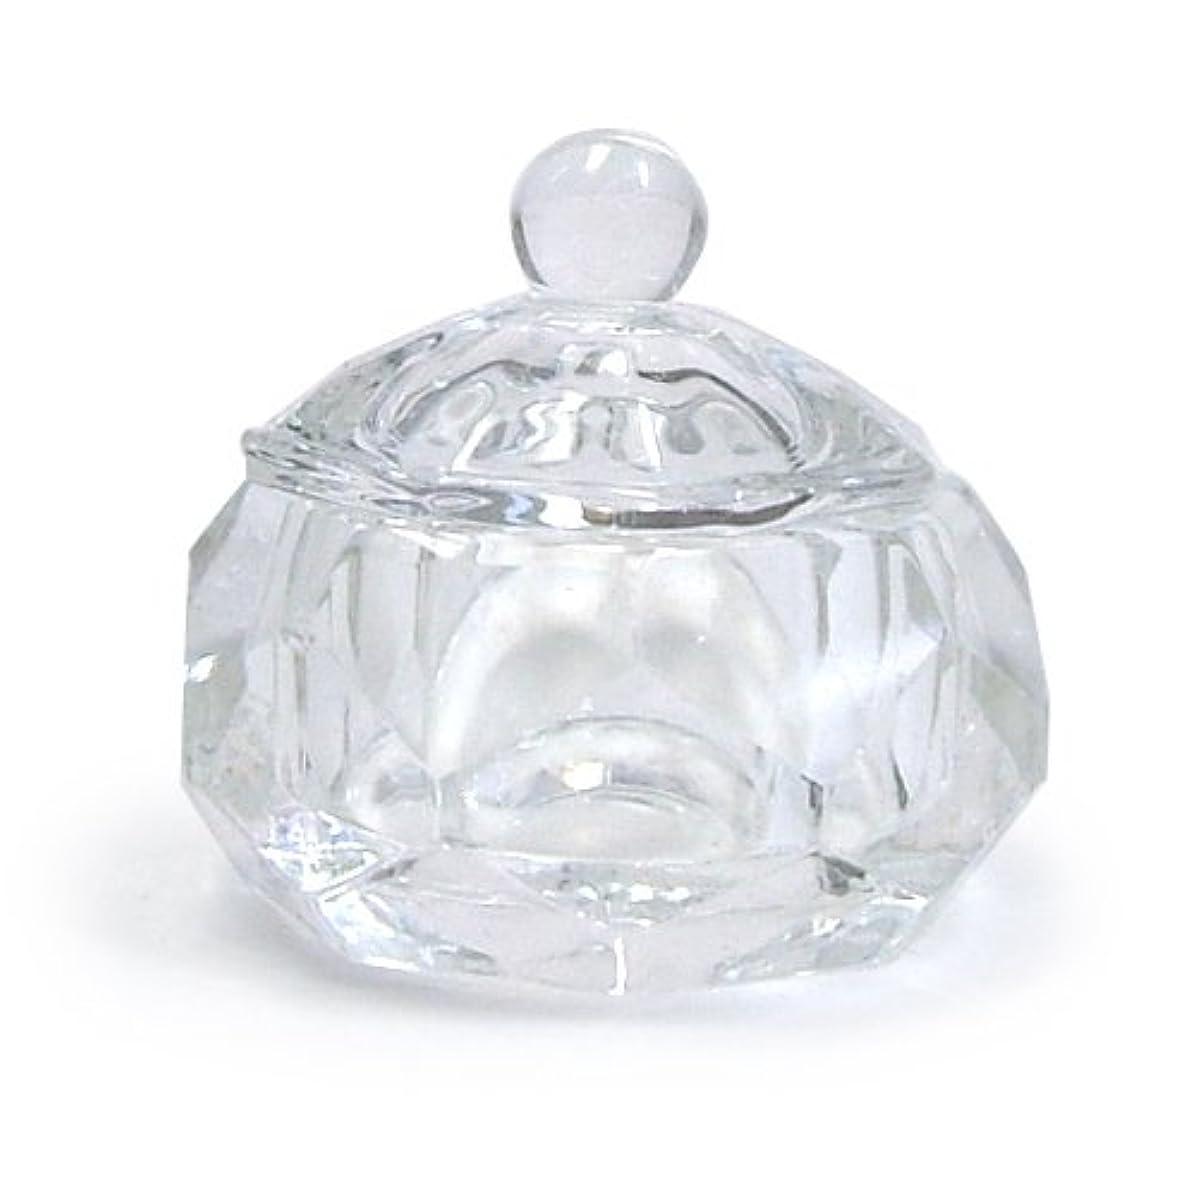 ゆり製造残り物ダッペンディッシュ フタ付き (ガラス製)